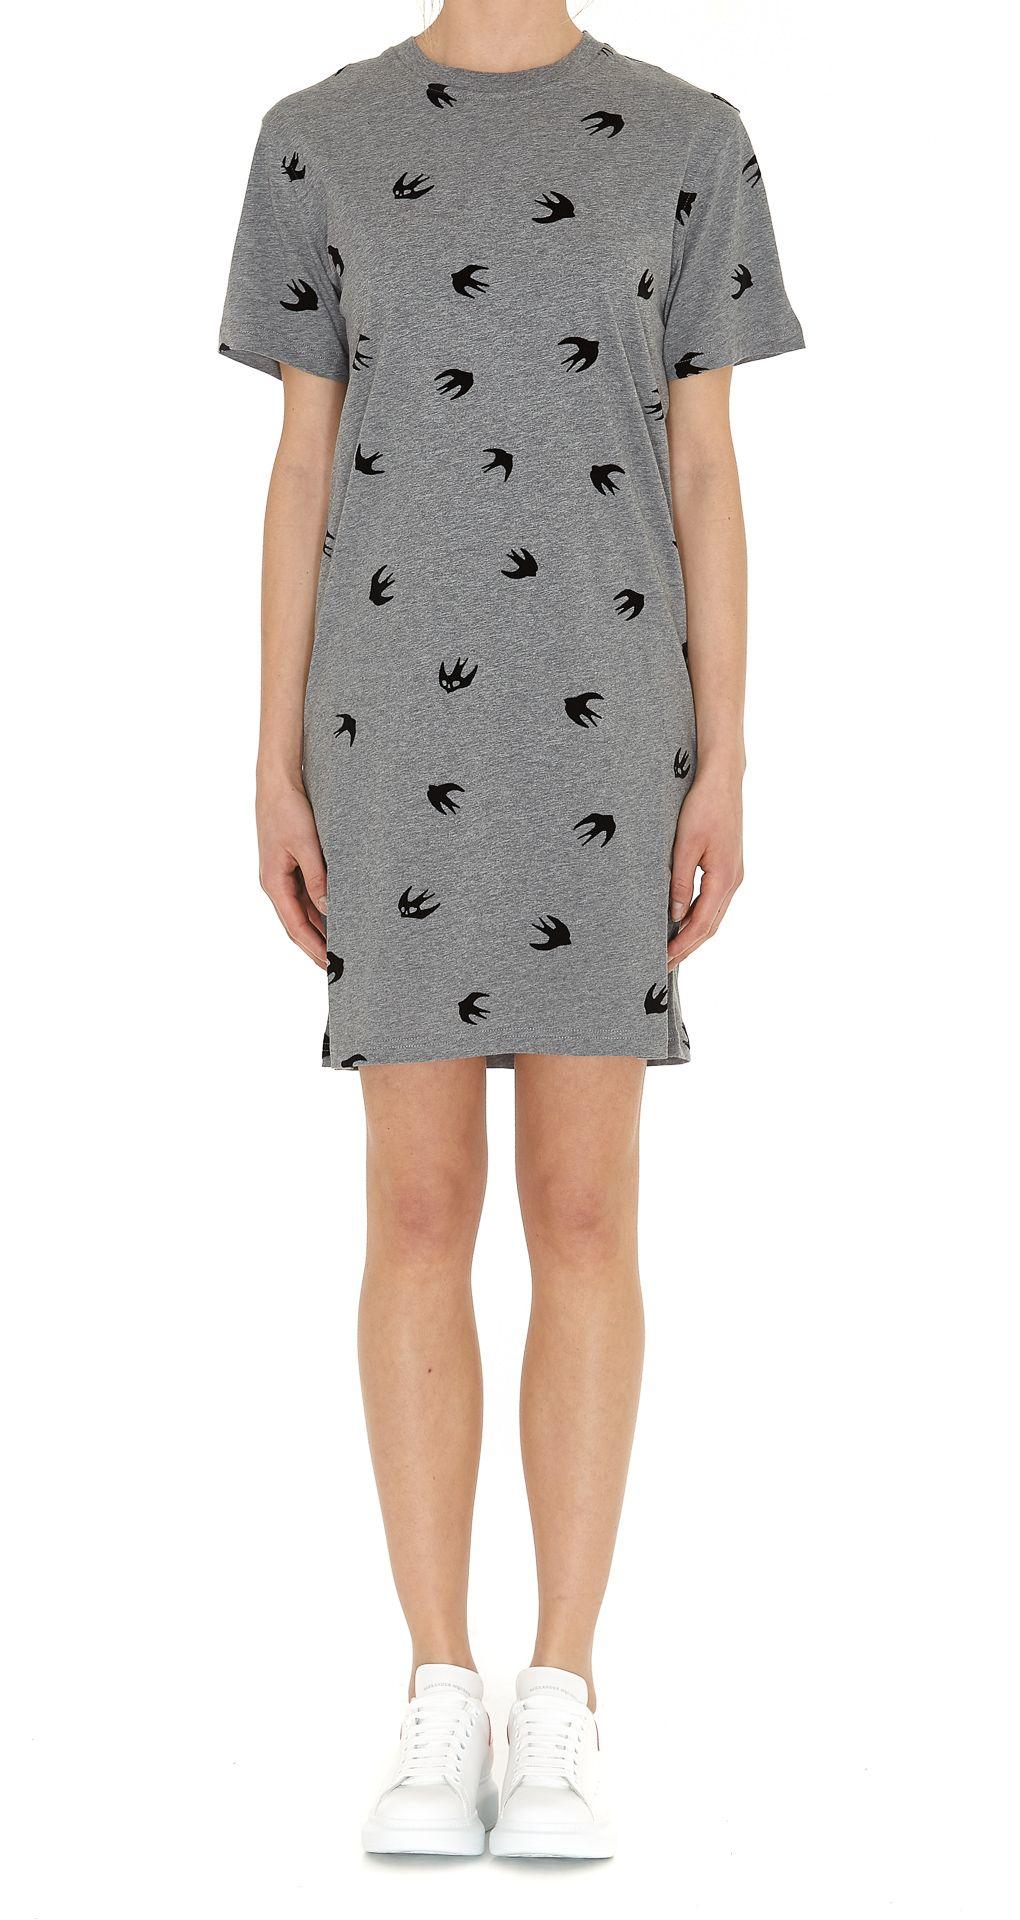 Mcq Alexander Mcqueen Tshirt Dress